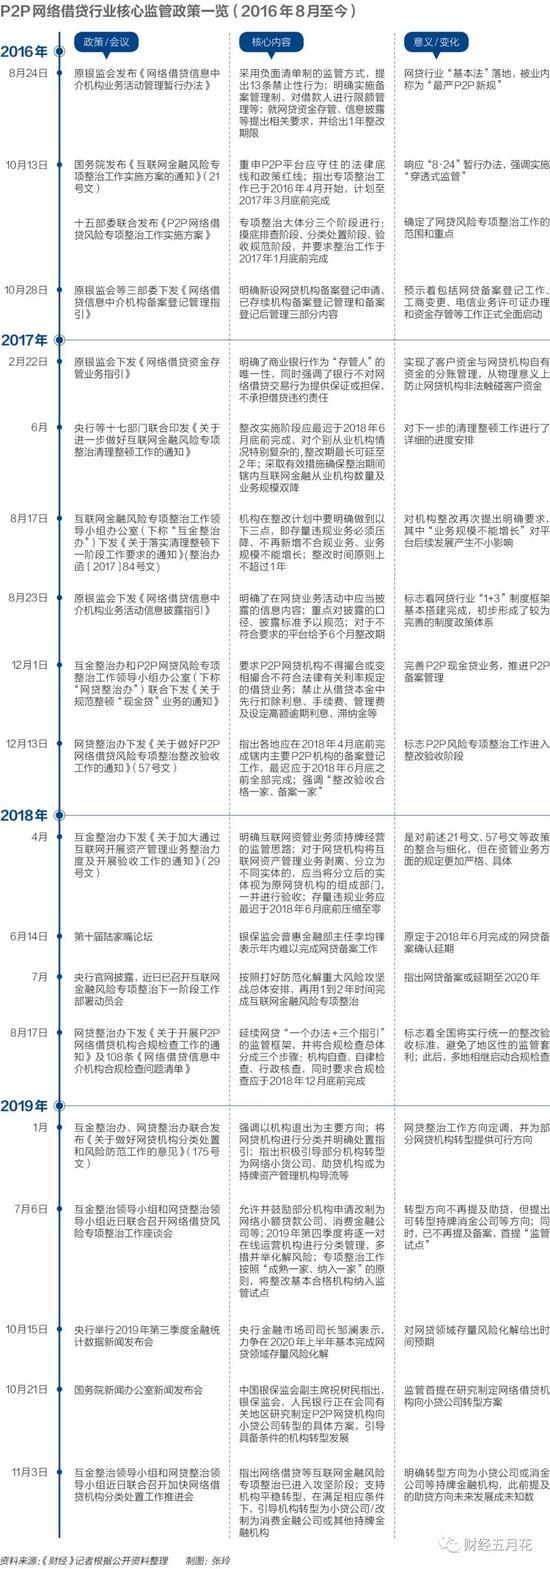 大发彩票电子游戏下载_黄磊女儿被10000条脏话骂上热搜:在中国,反抗应试教育的人,是真傻